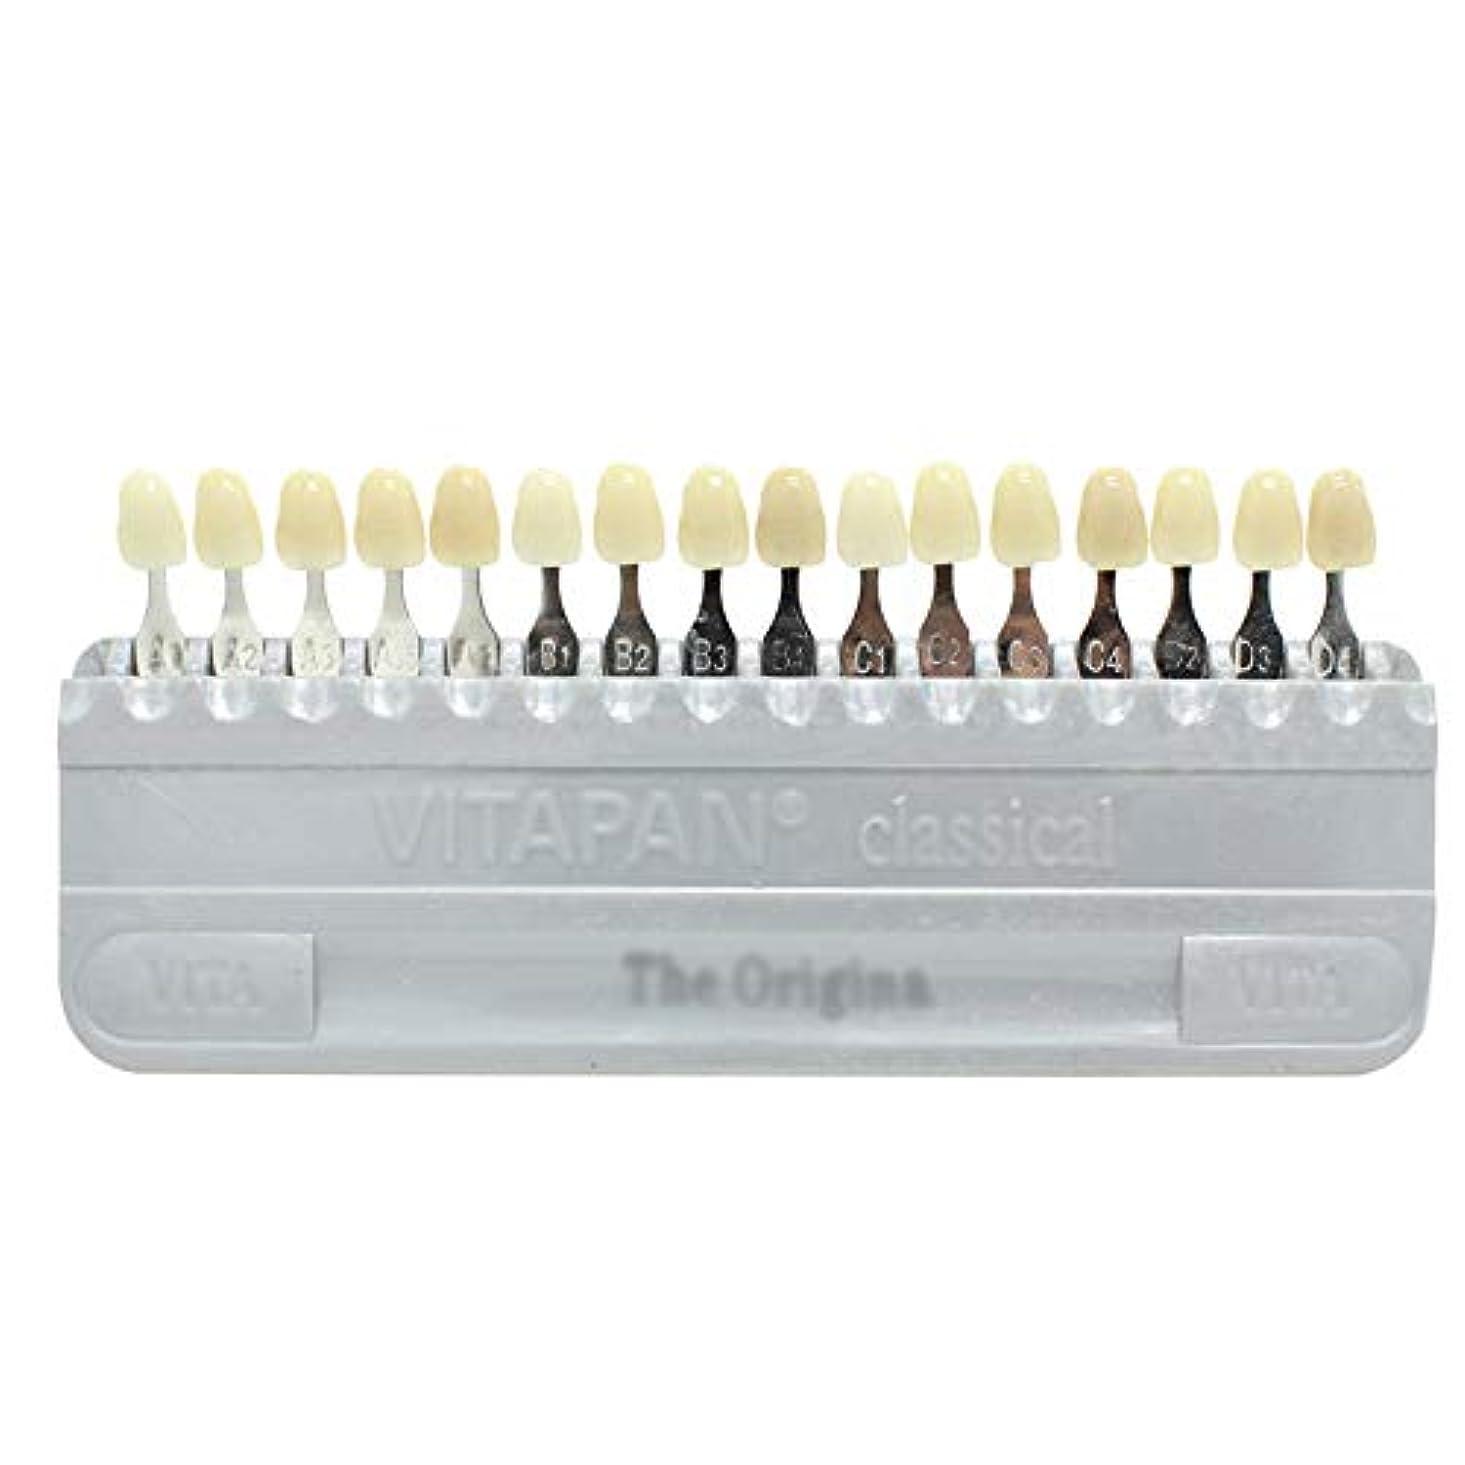 失速緊張アンプPochiDen 歯科ホワイトニング用シェードガイド 16色 3D 歯列模型ボード